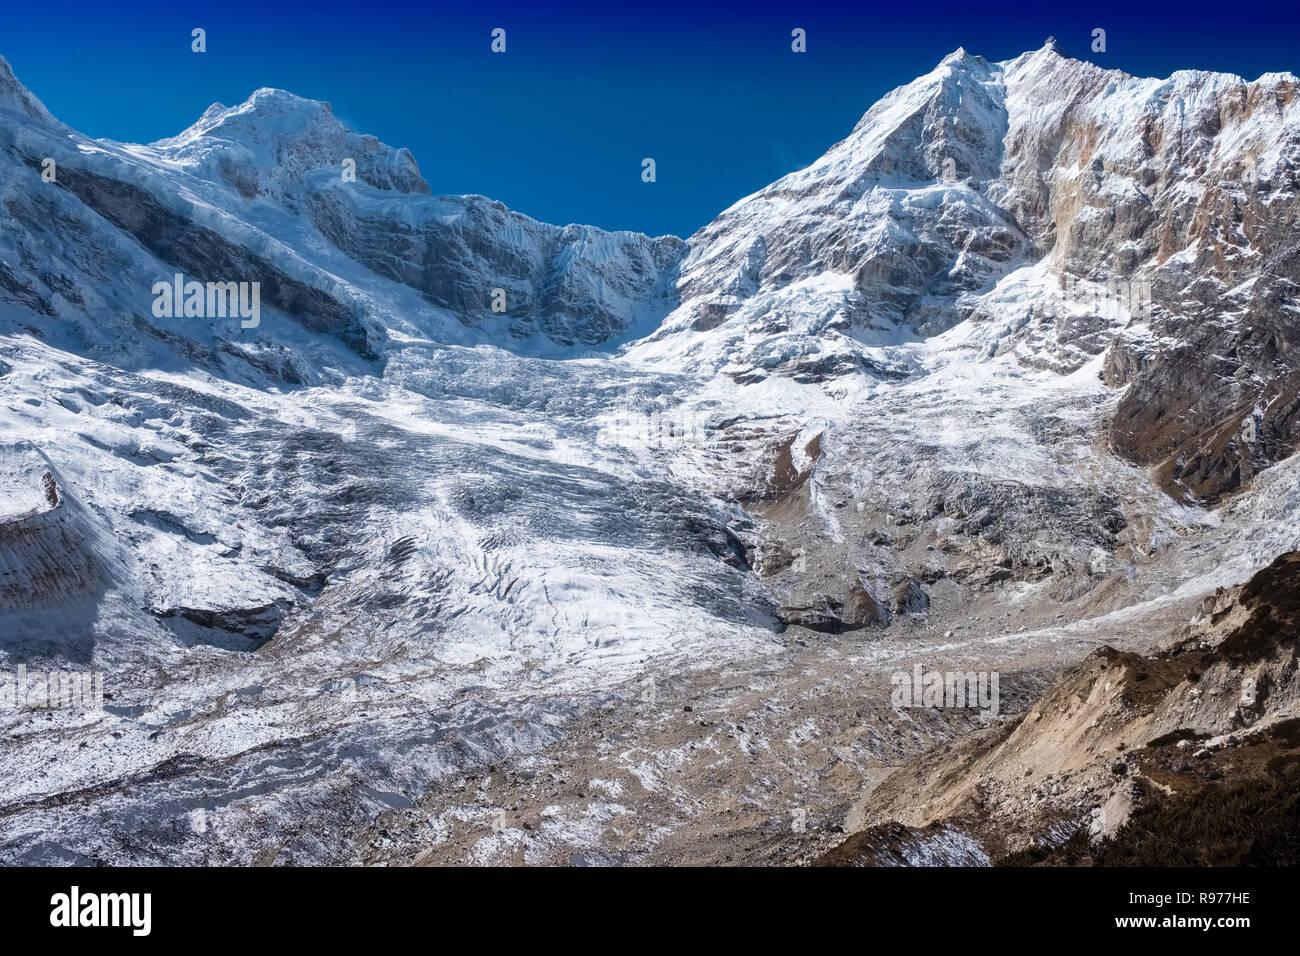 Manaslu peak et des glaciers dans l'Himalaya au Népal Photo Stock